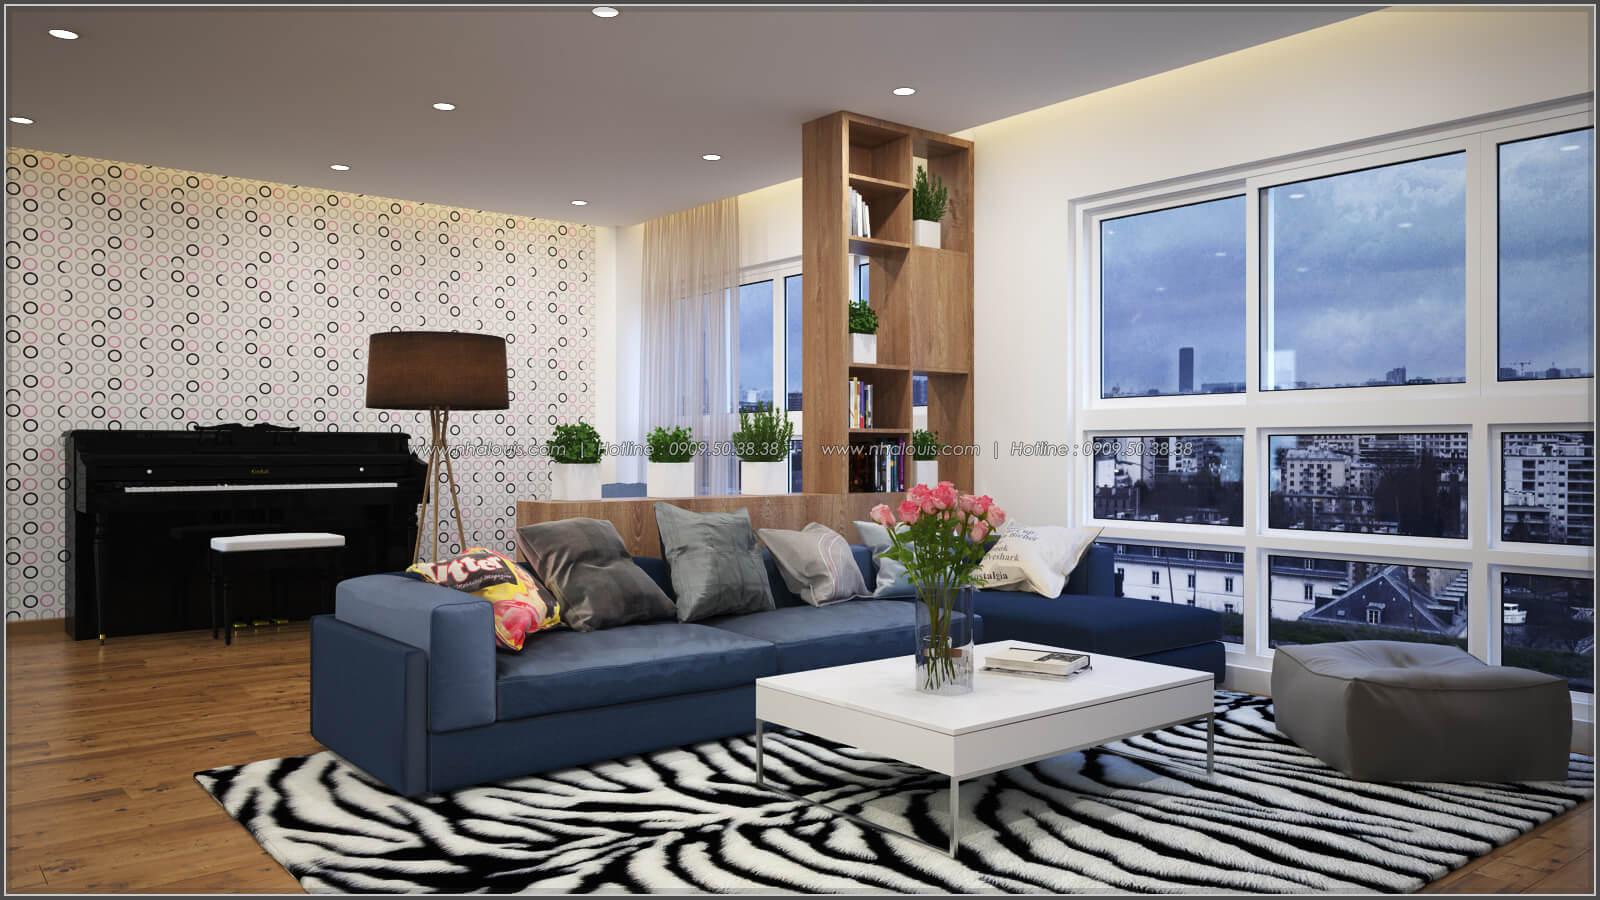 Tham khảo 3 mẫu thiết kế nội thất chung cư đẹp và sang trọng